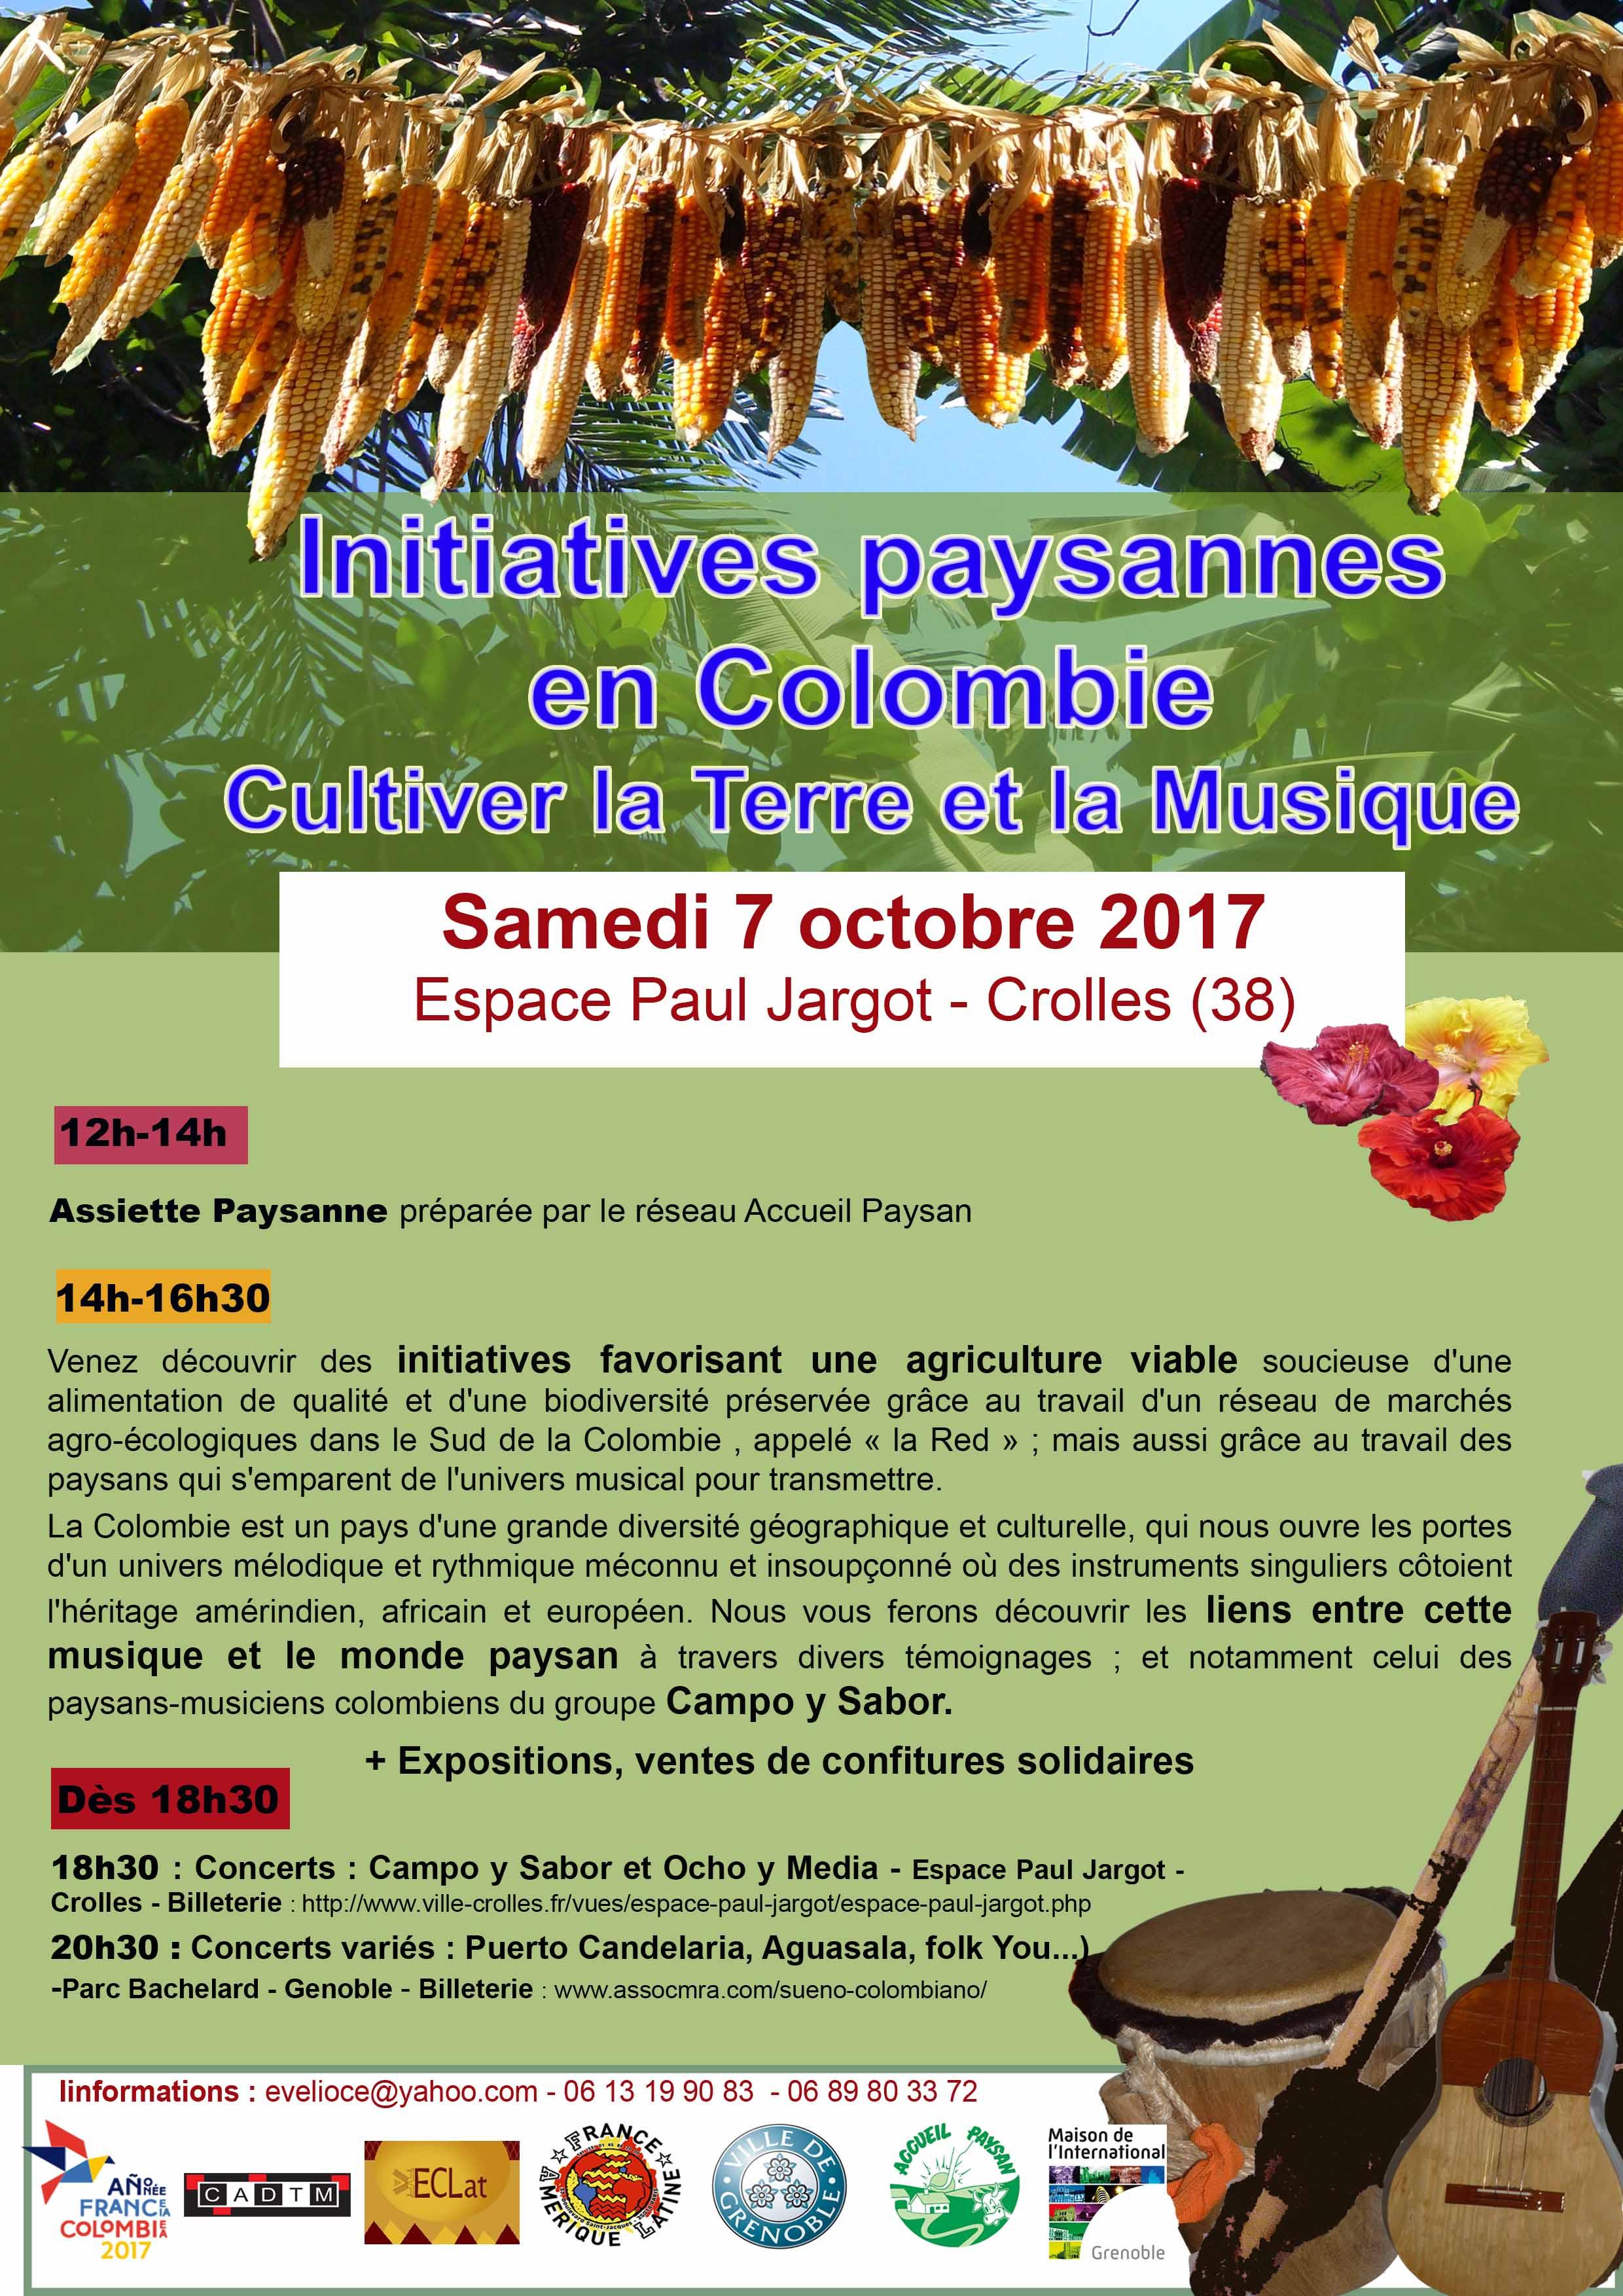 Grenoble 7 octobre 2017 – Initiatives paysannes en Colombie